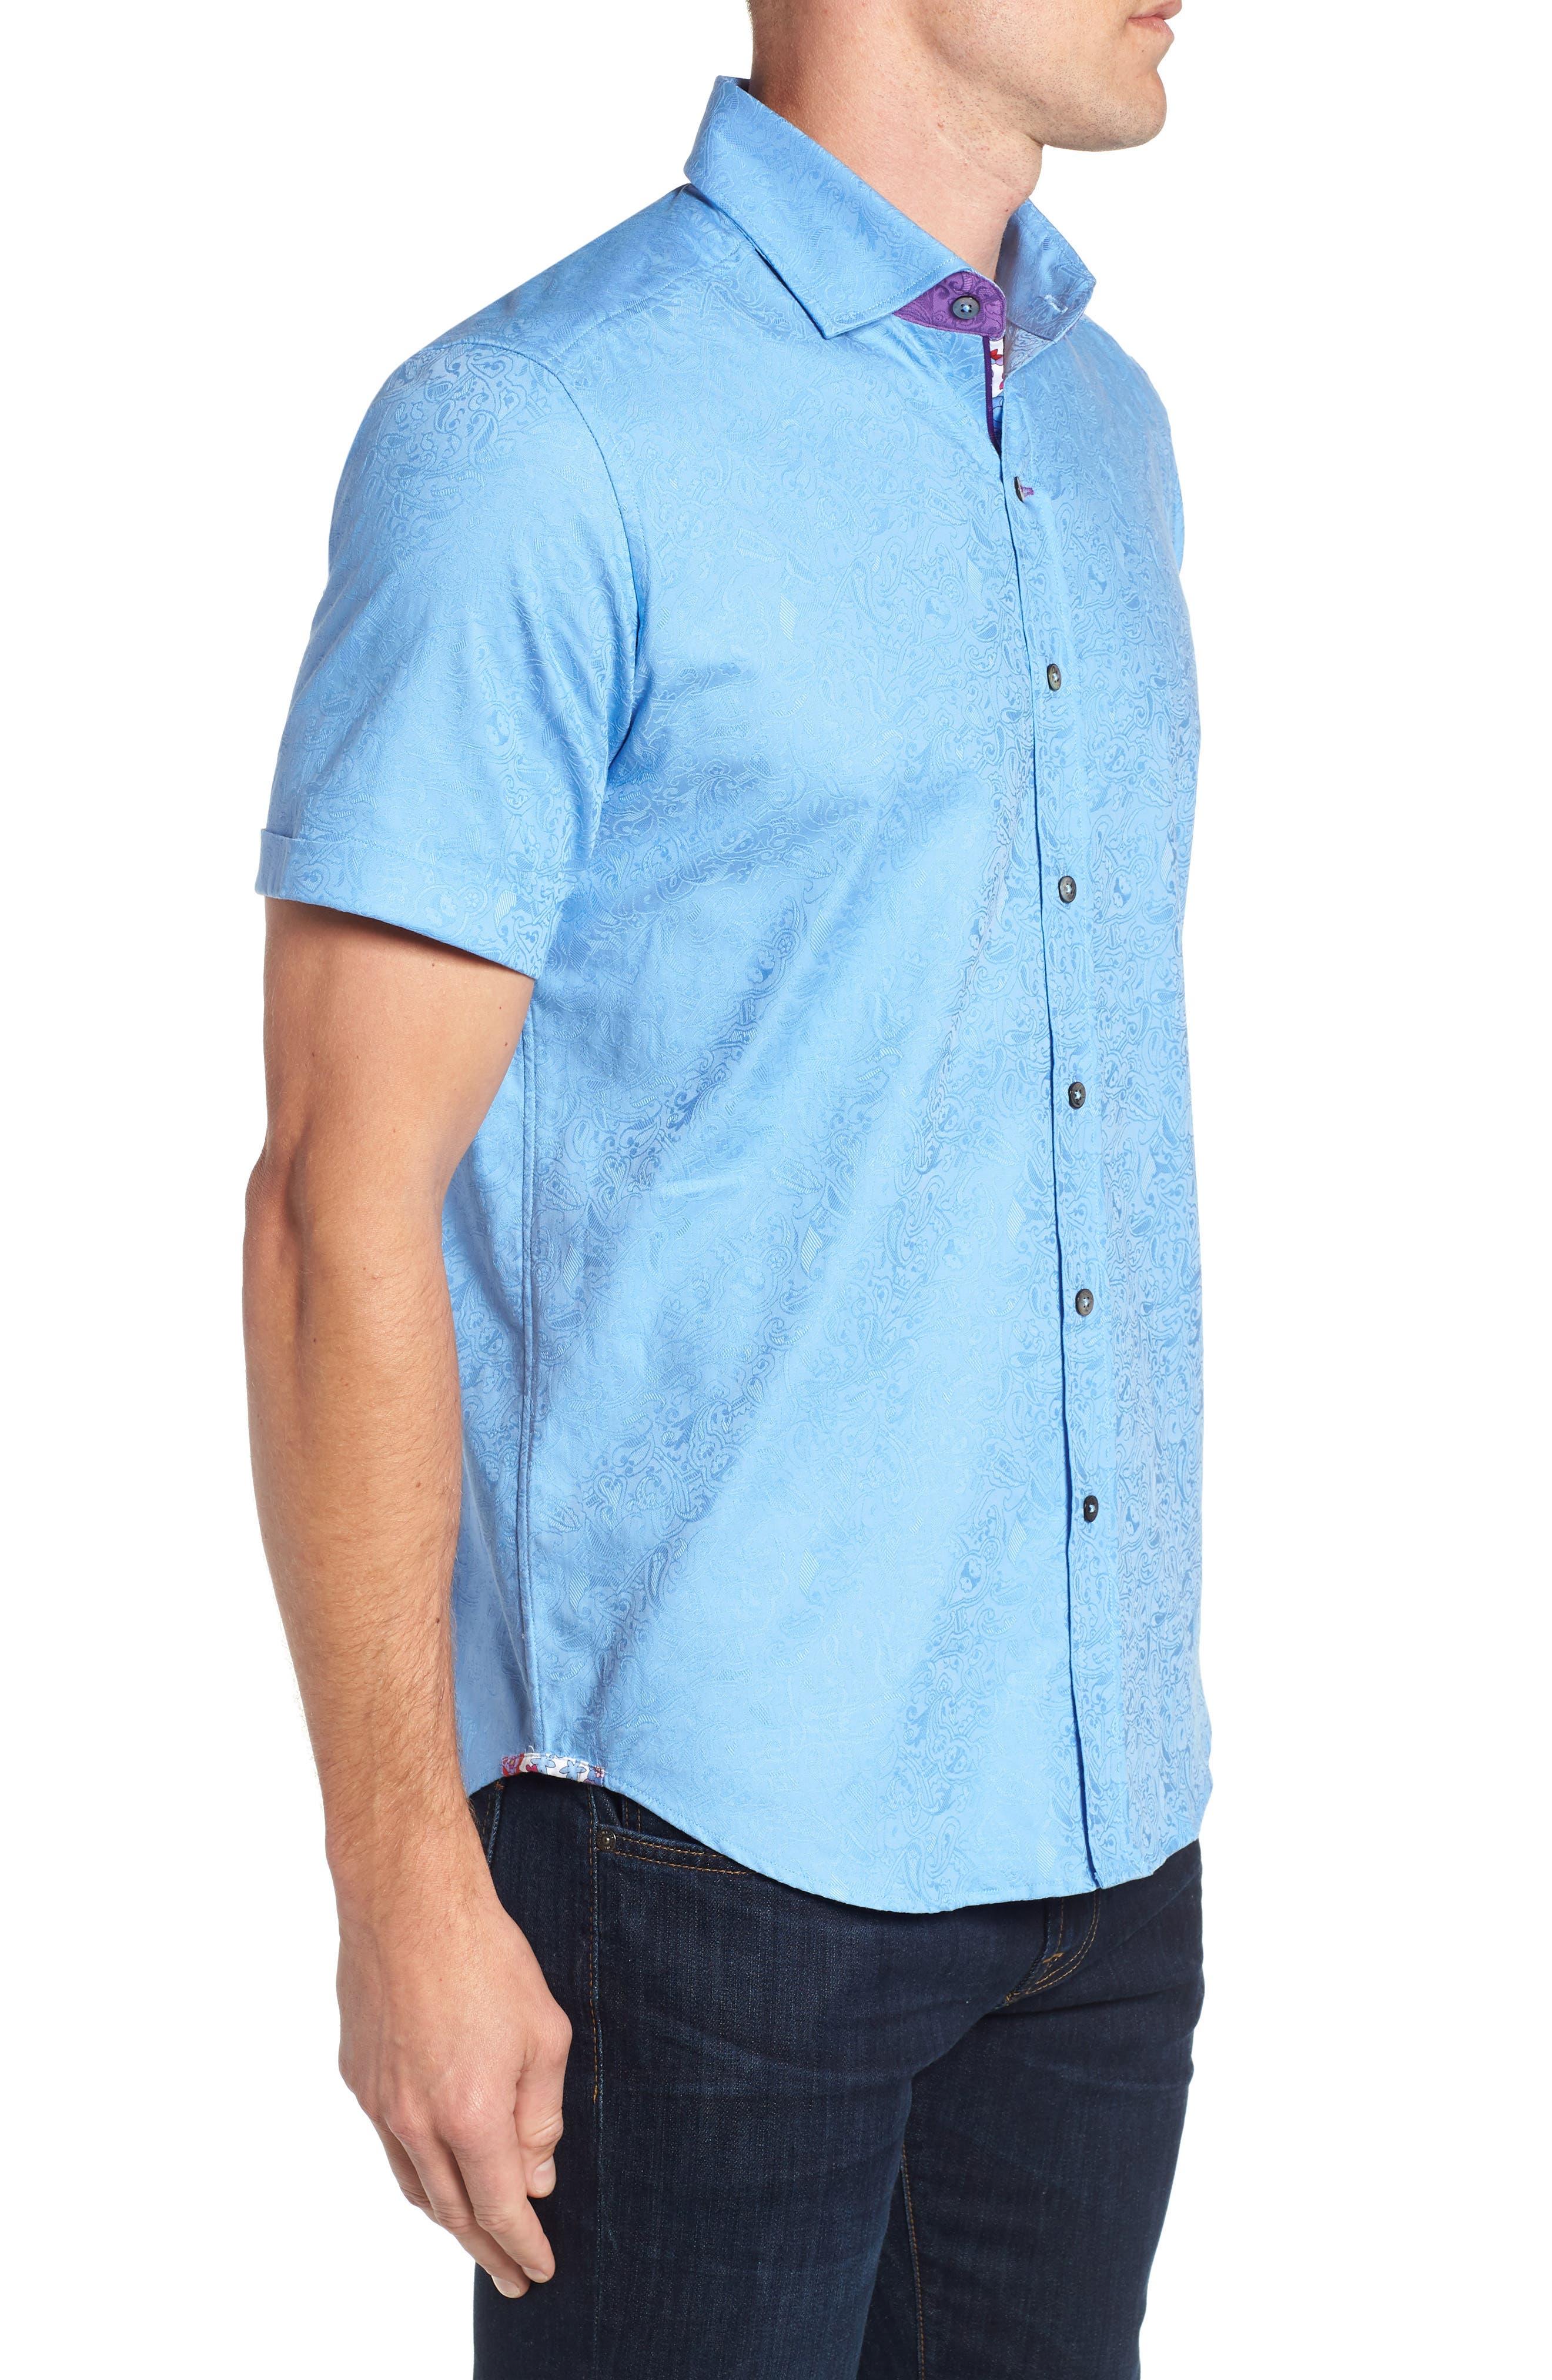 Abbott Sport Shirt,                             Alternate thumbnail 4, color,                             Blue